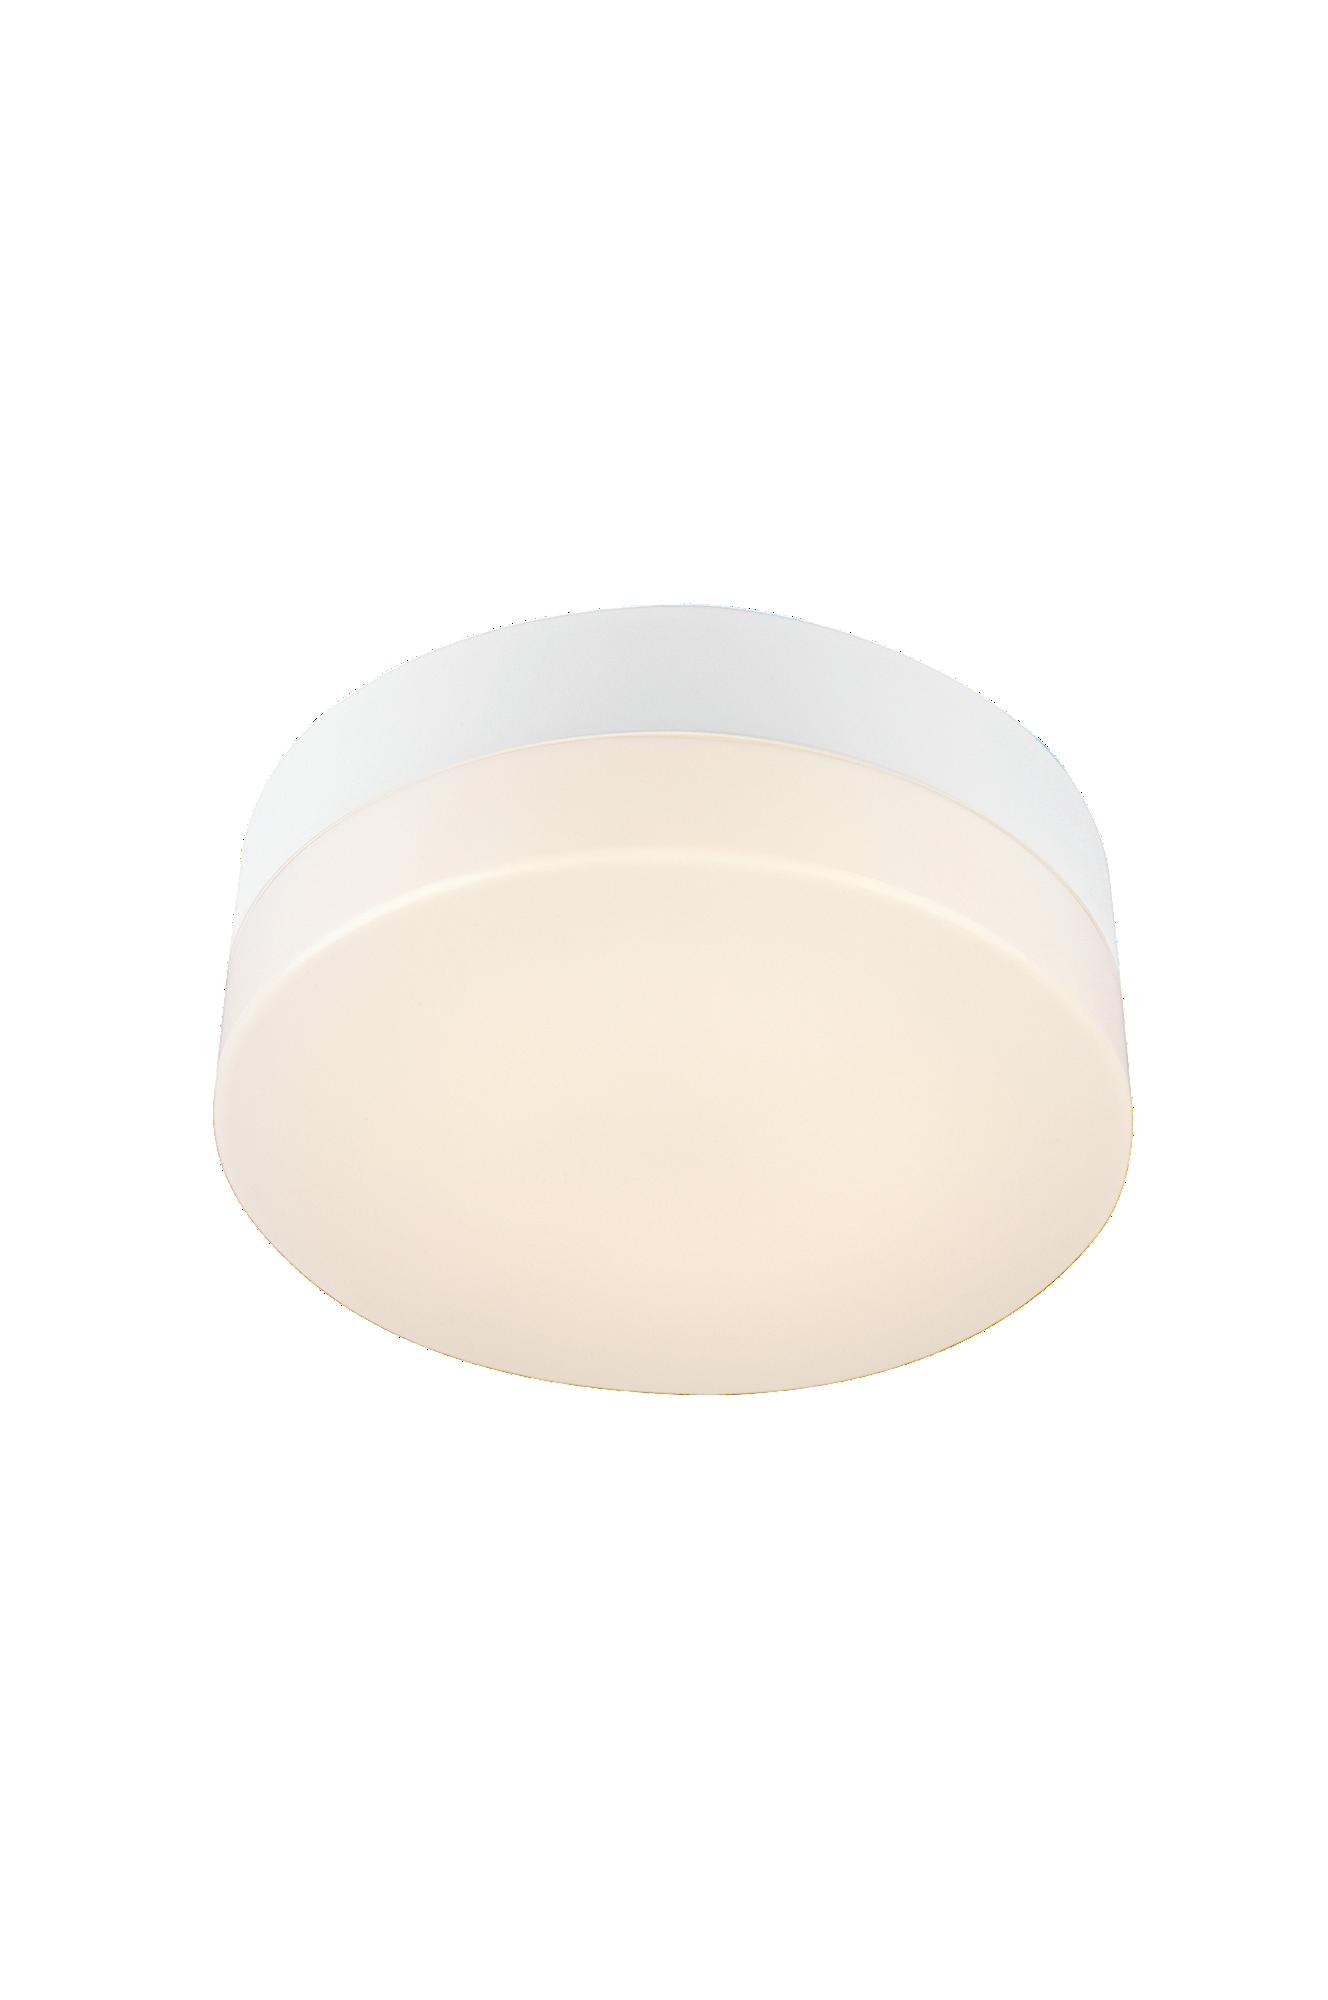 Loftplafond Deman 28 til badeværelse Markslöjd Loftlamper til Boligen i Hvid